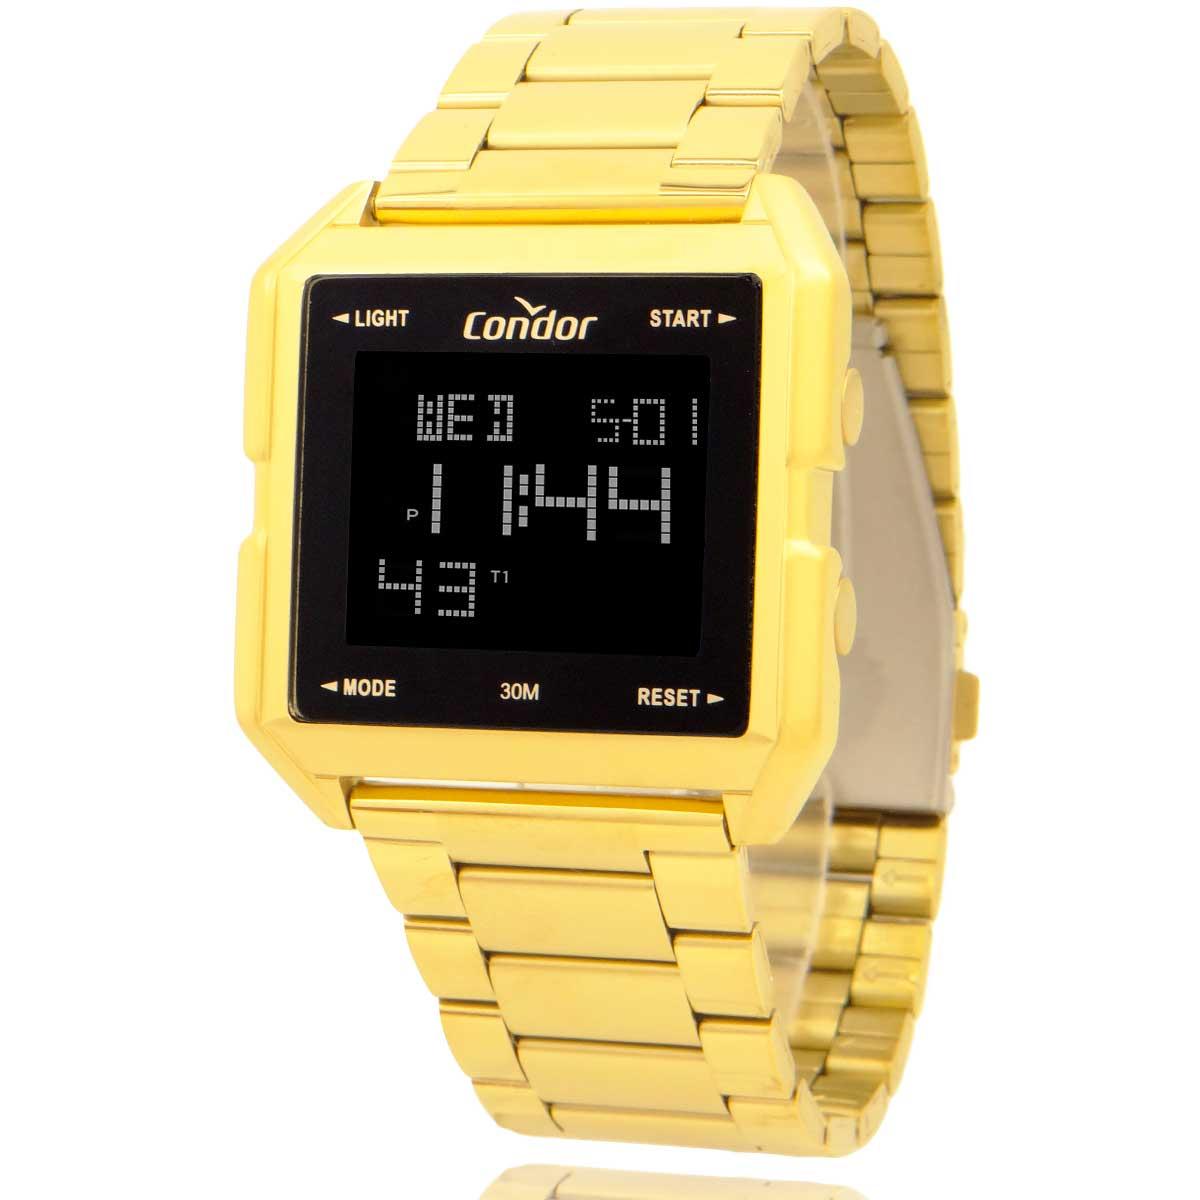 Relógio Digital Condor Masculino Dourado COBJ3074AA/4D com Carteira Lebrave Brinde